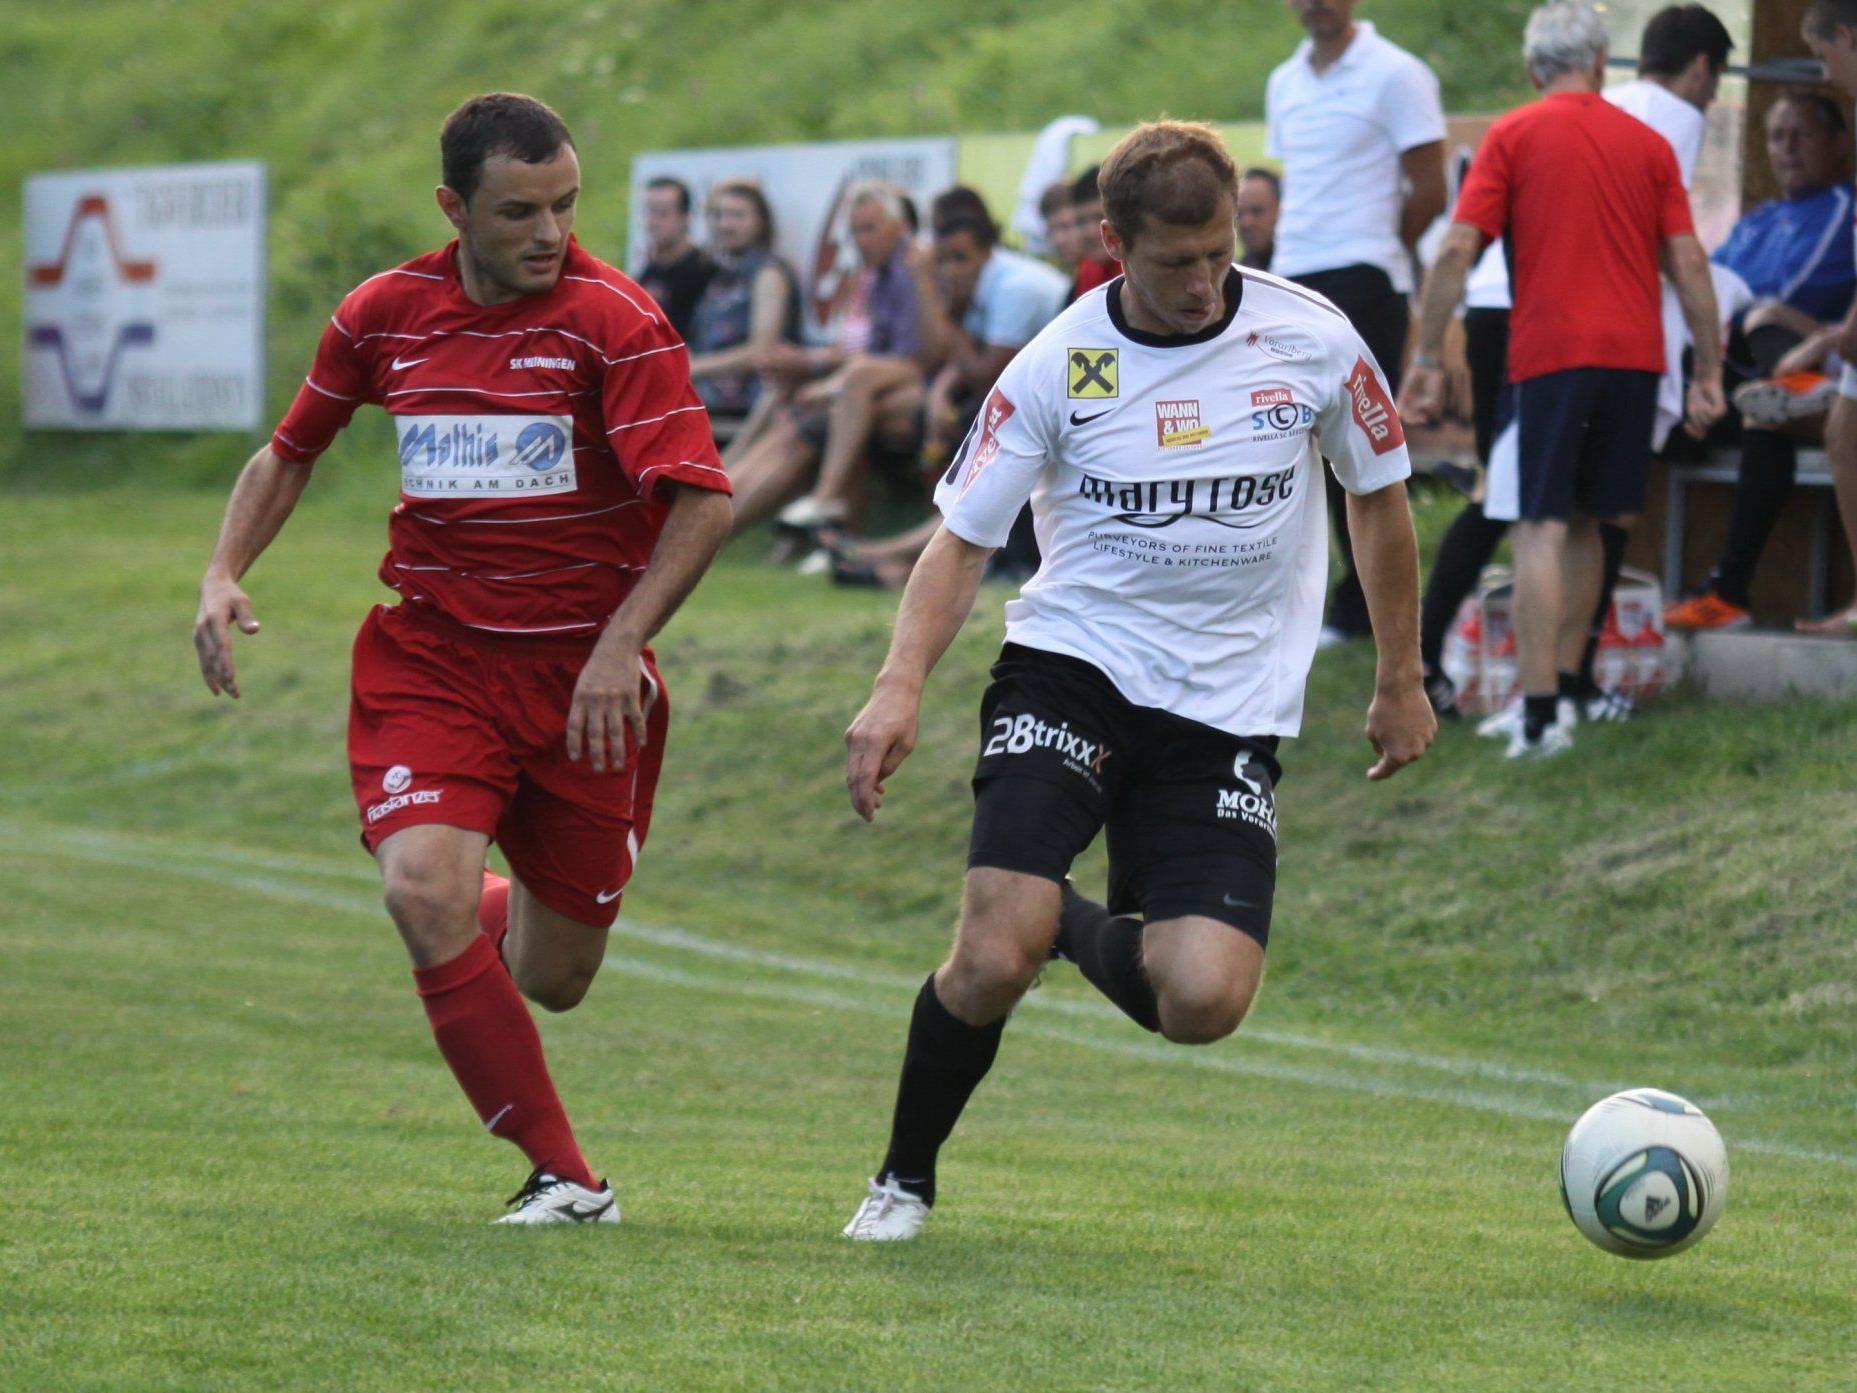 Philipp Hagspiel spielt nicht mehr für Rivella SC Bregenz,